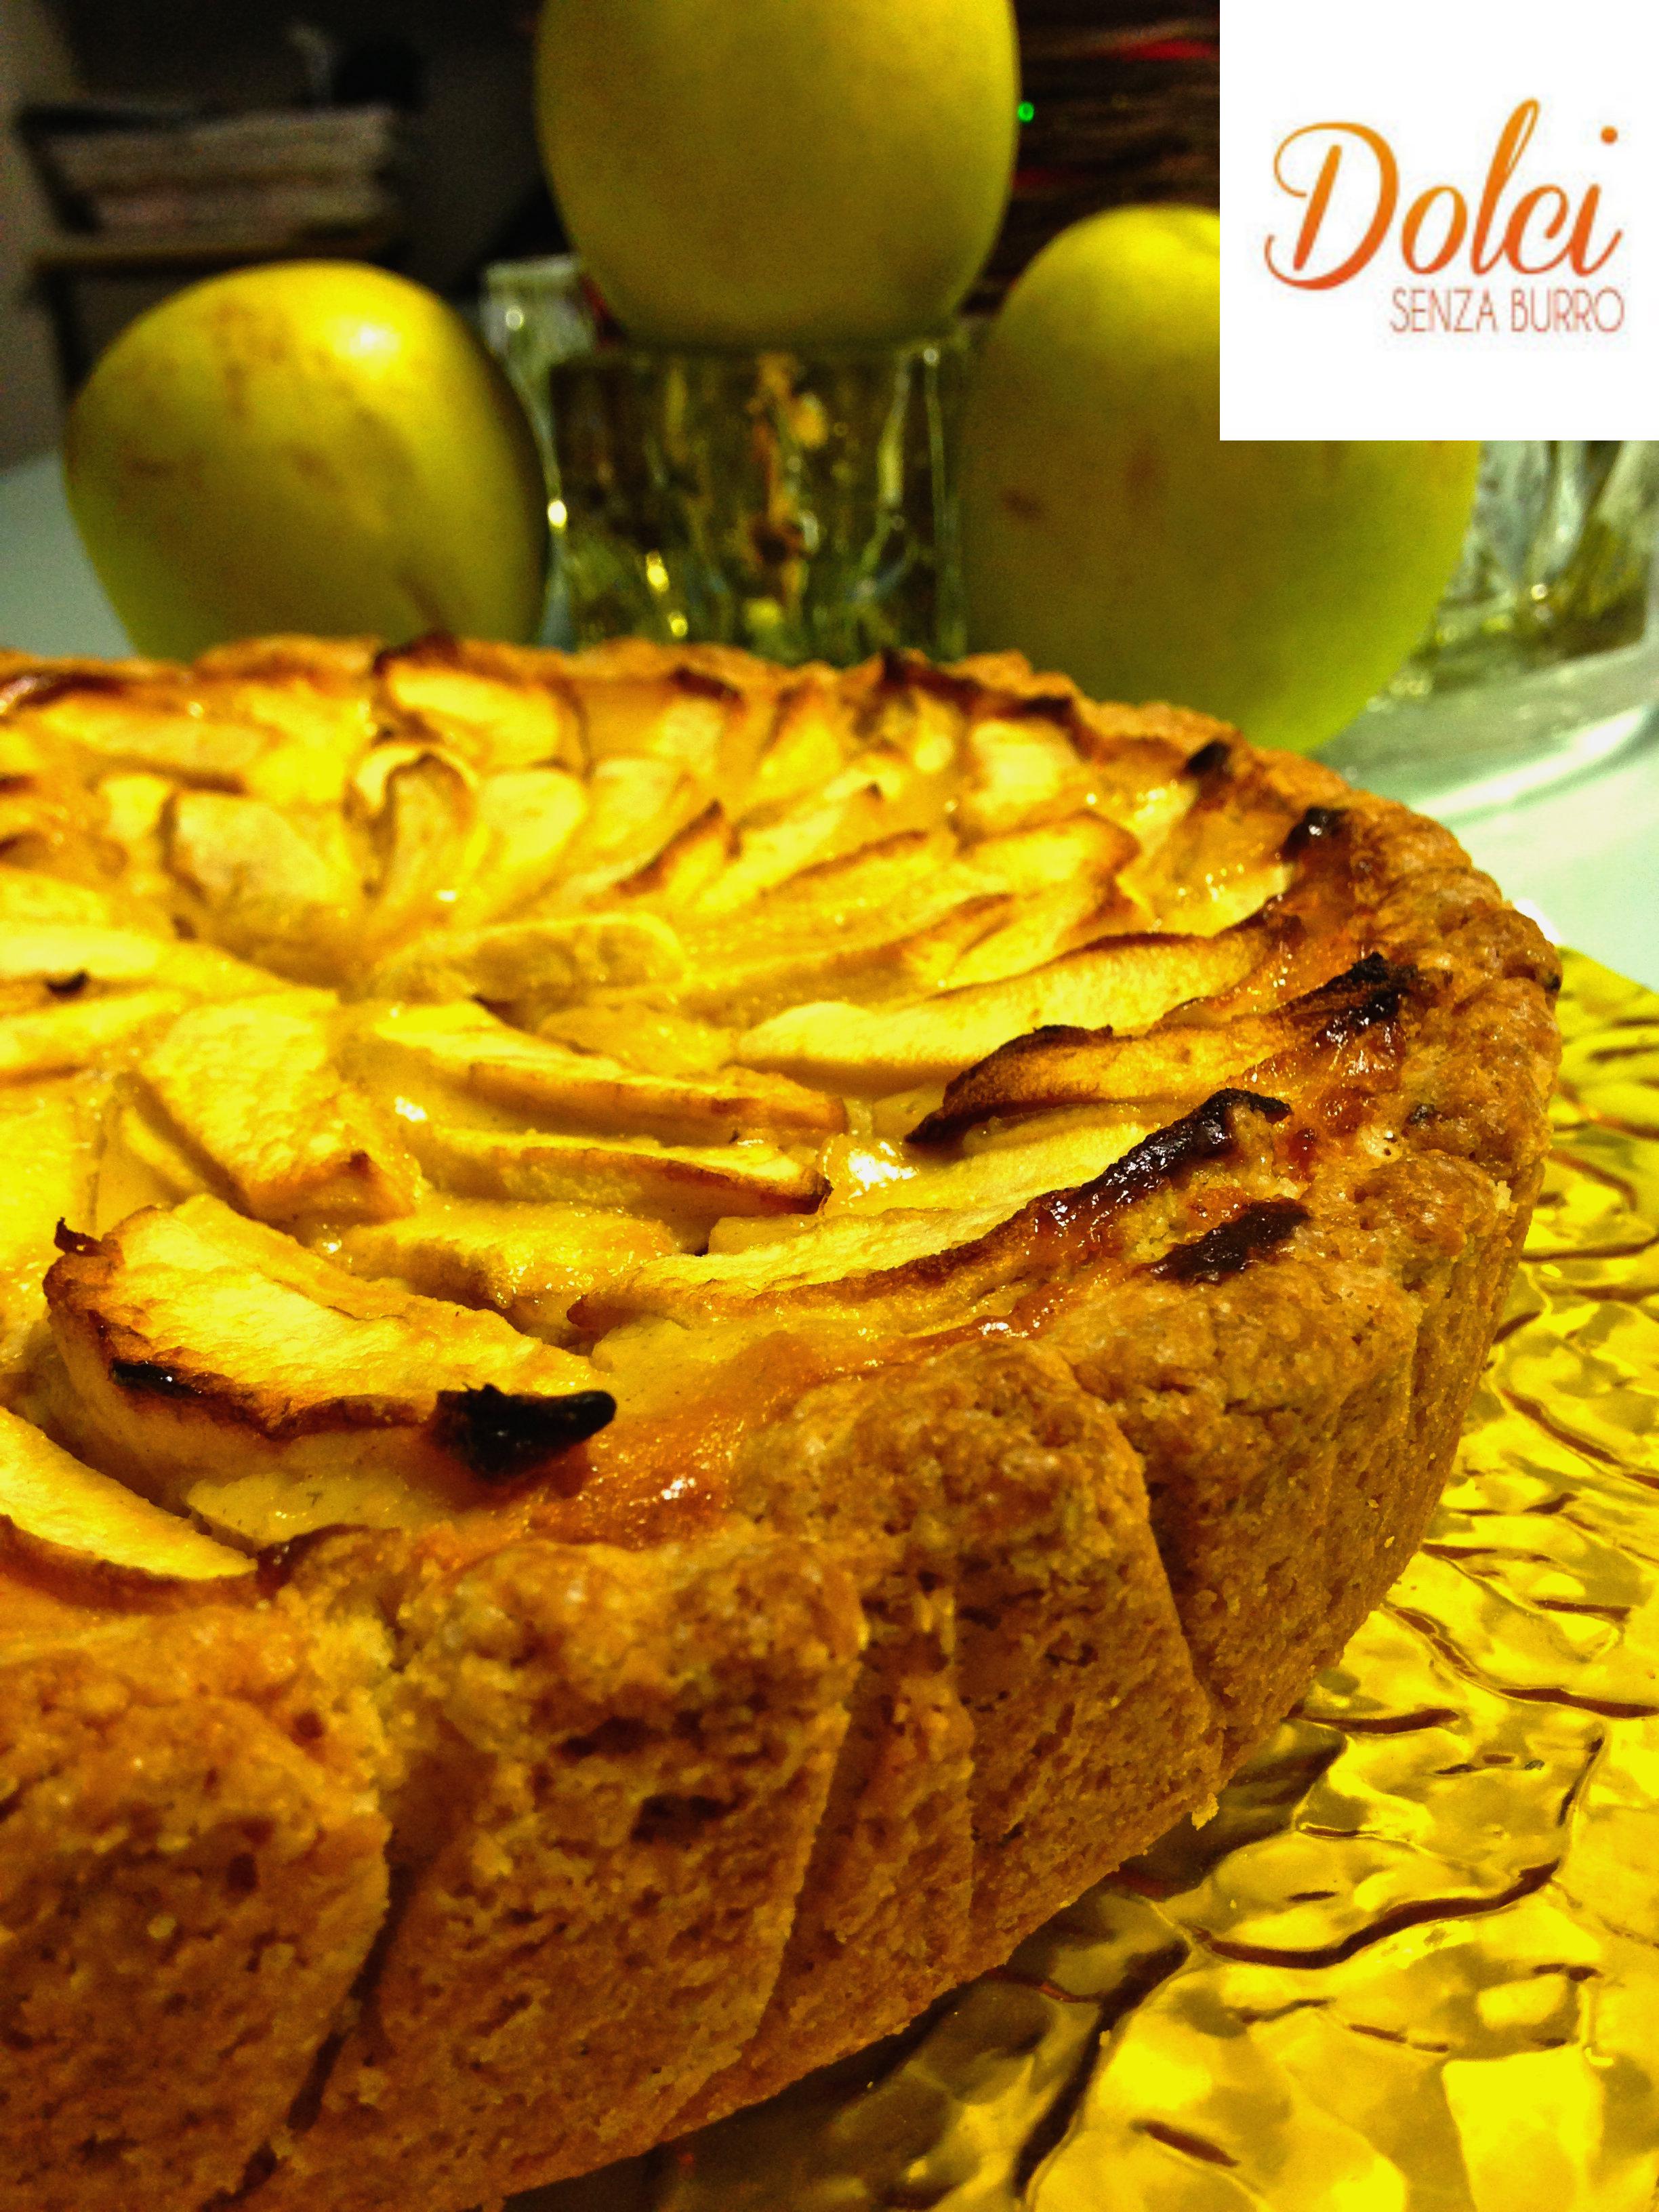 Crostata di Mele e Ricotta Senza Burro, il dolce alle mele speciale di dolci senza burro